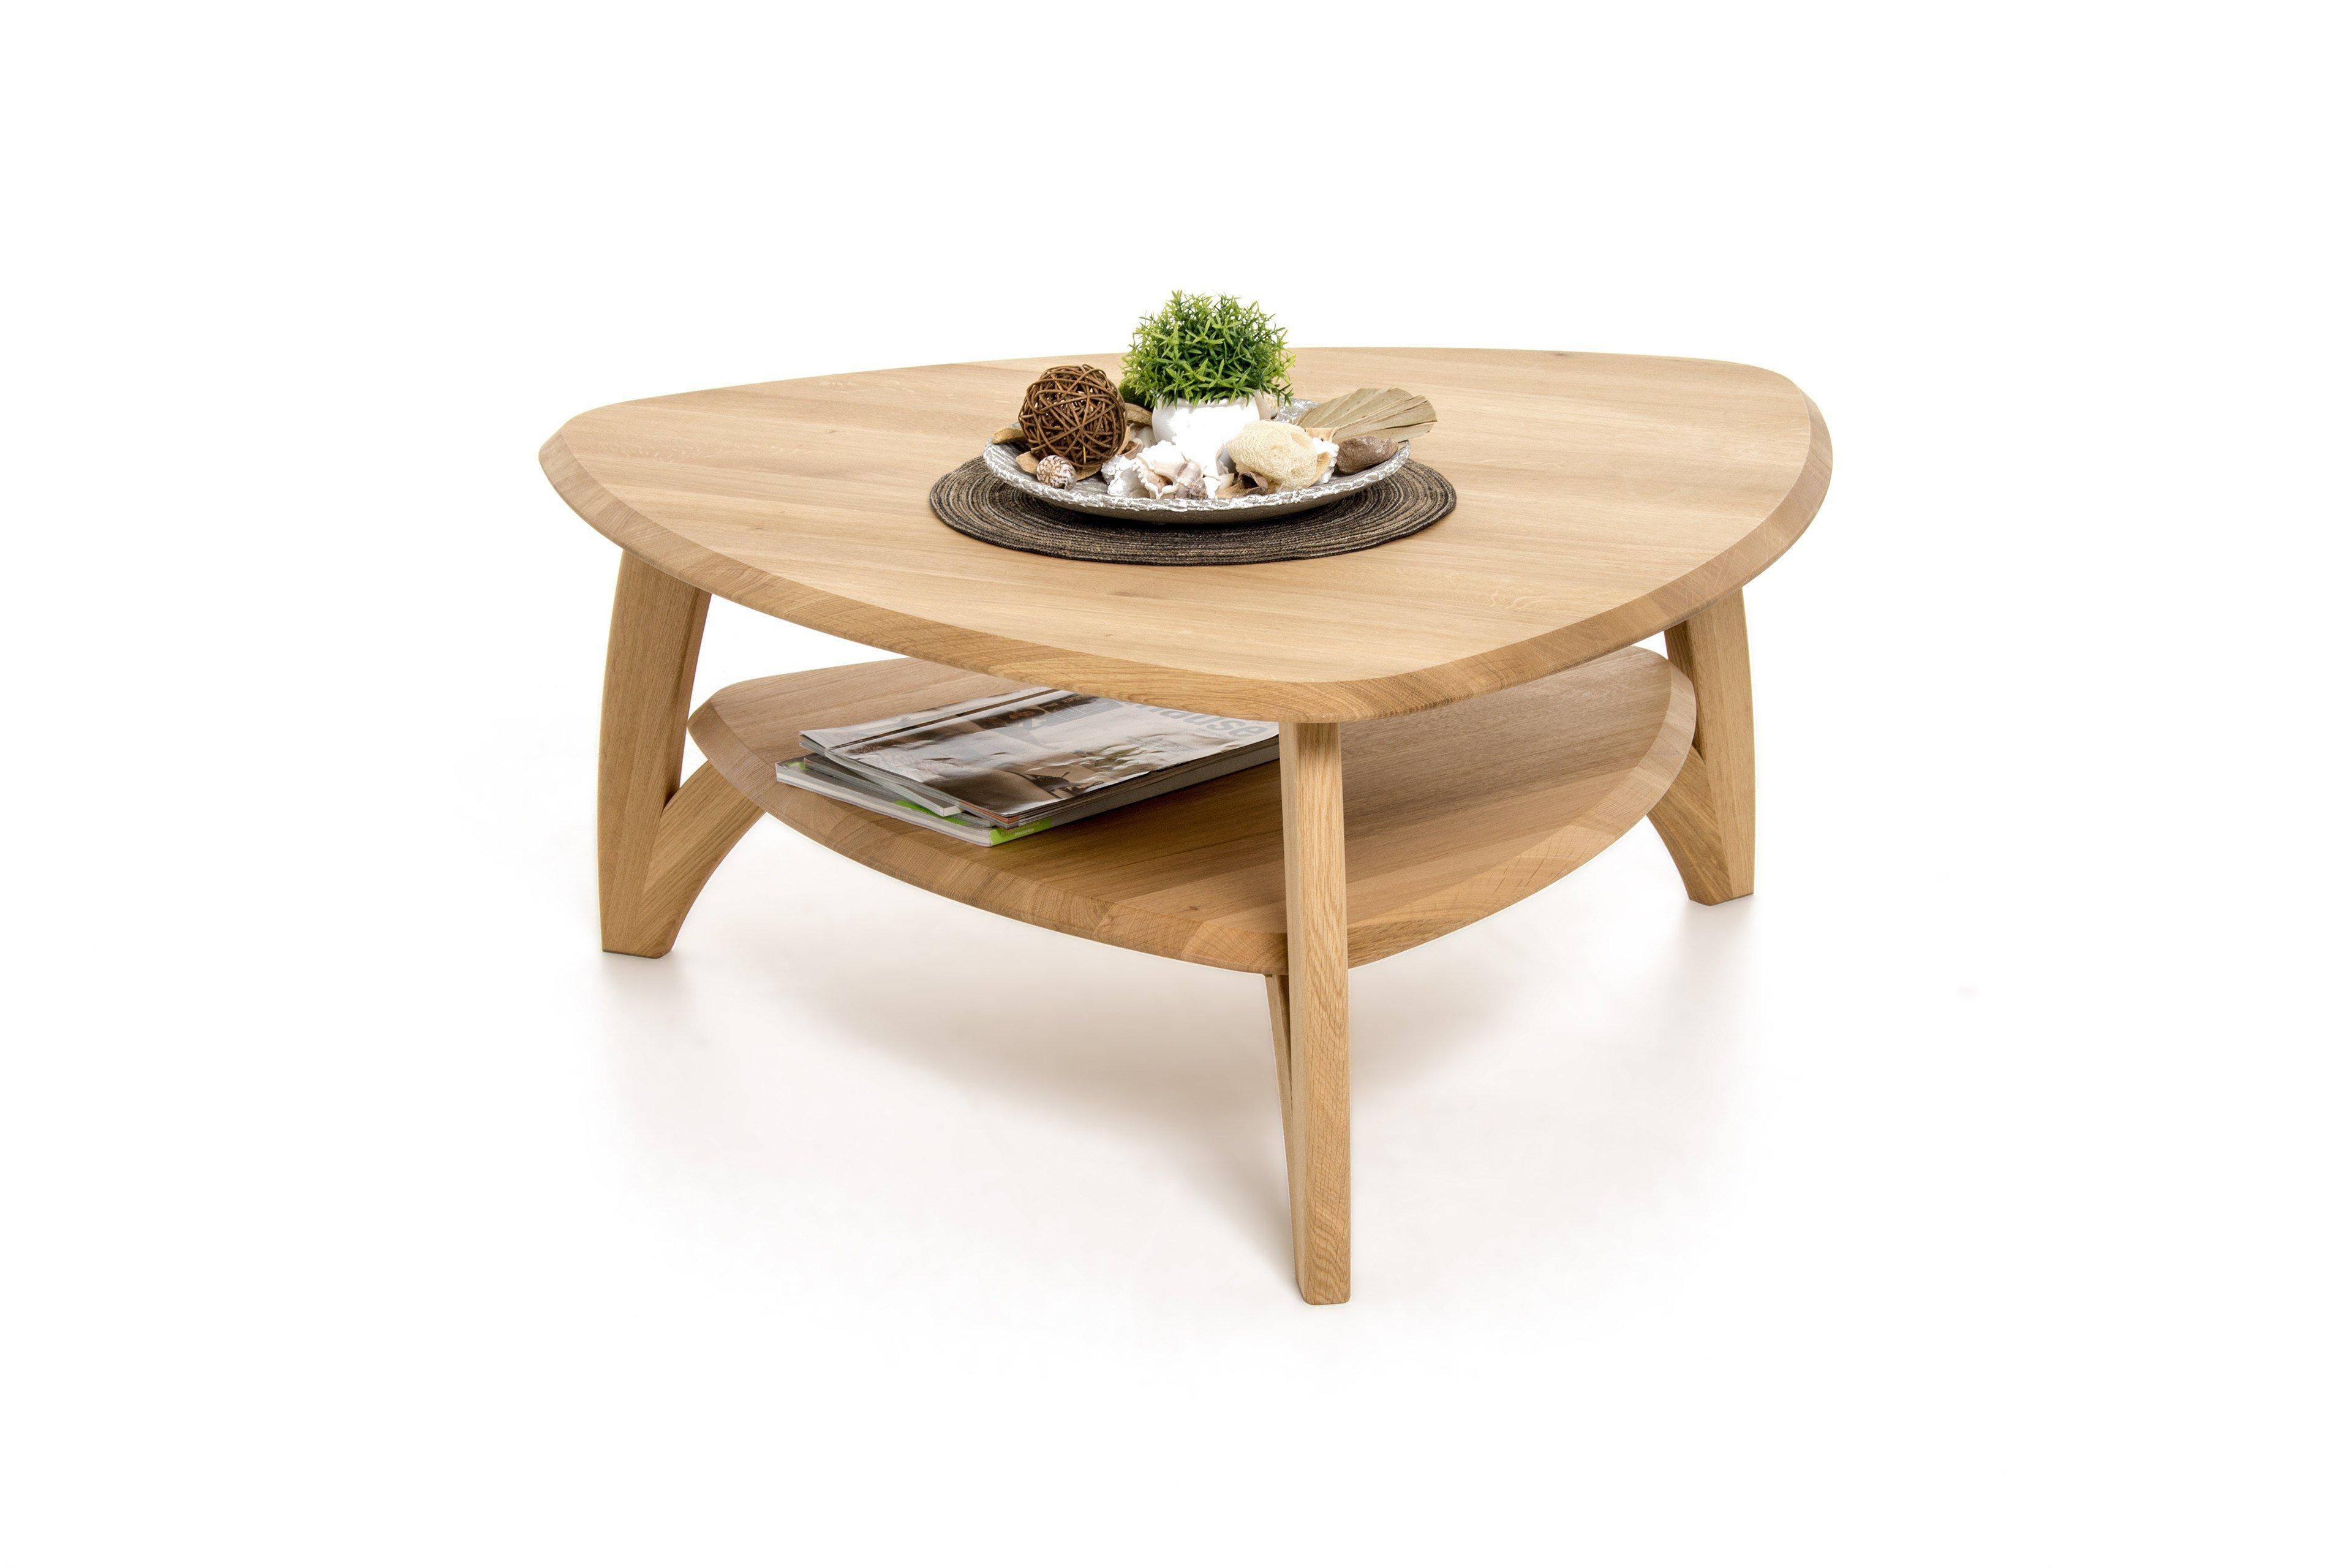 woodlive couchtisch ambra 52005000 mit ablage m bel letz ihr online shop. Black Bedroom Furniture Sets. Home Design Ideas